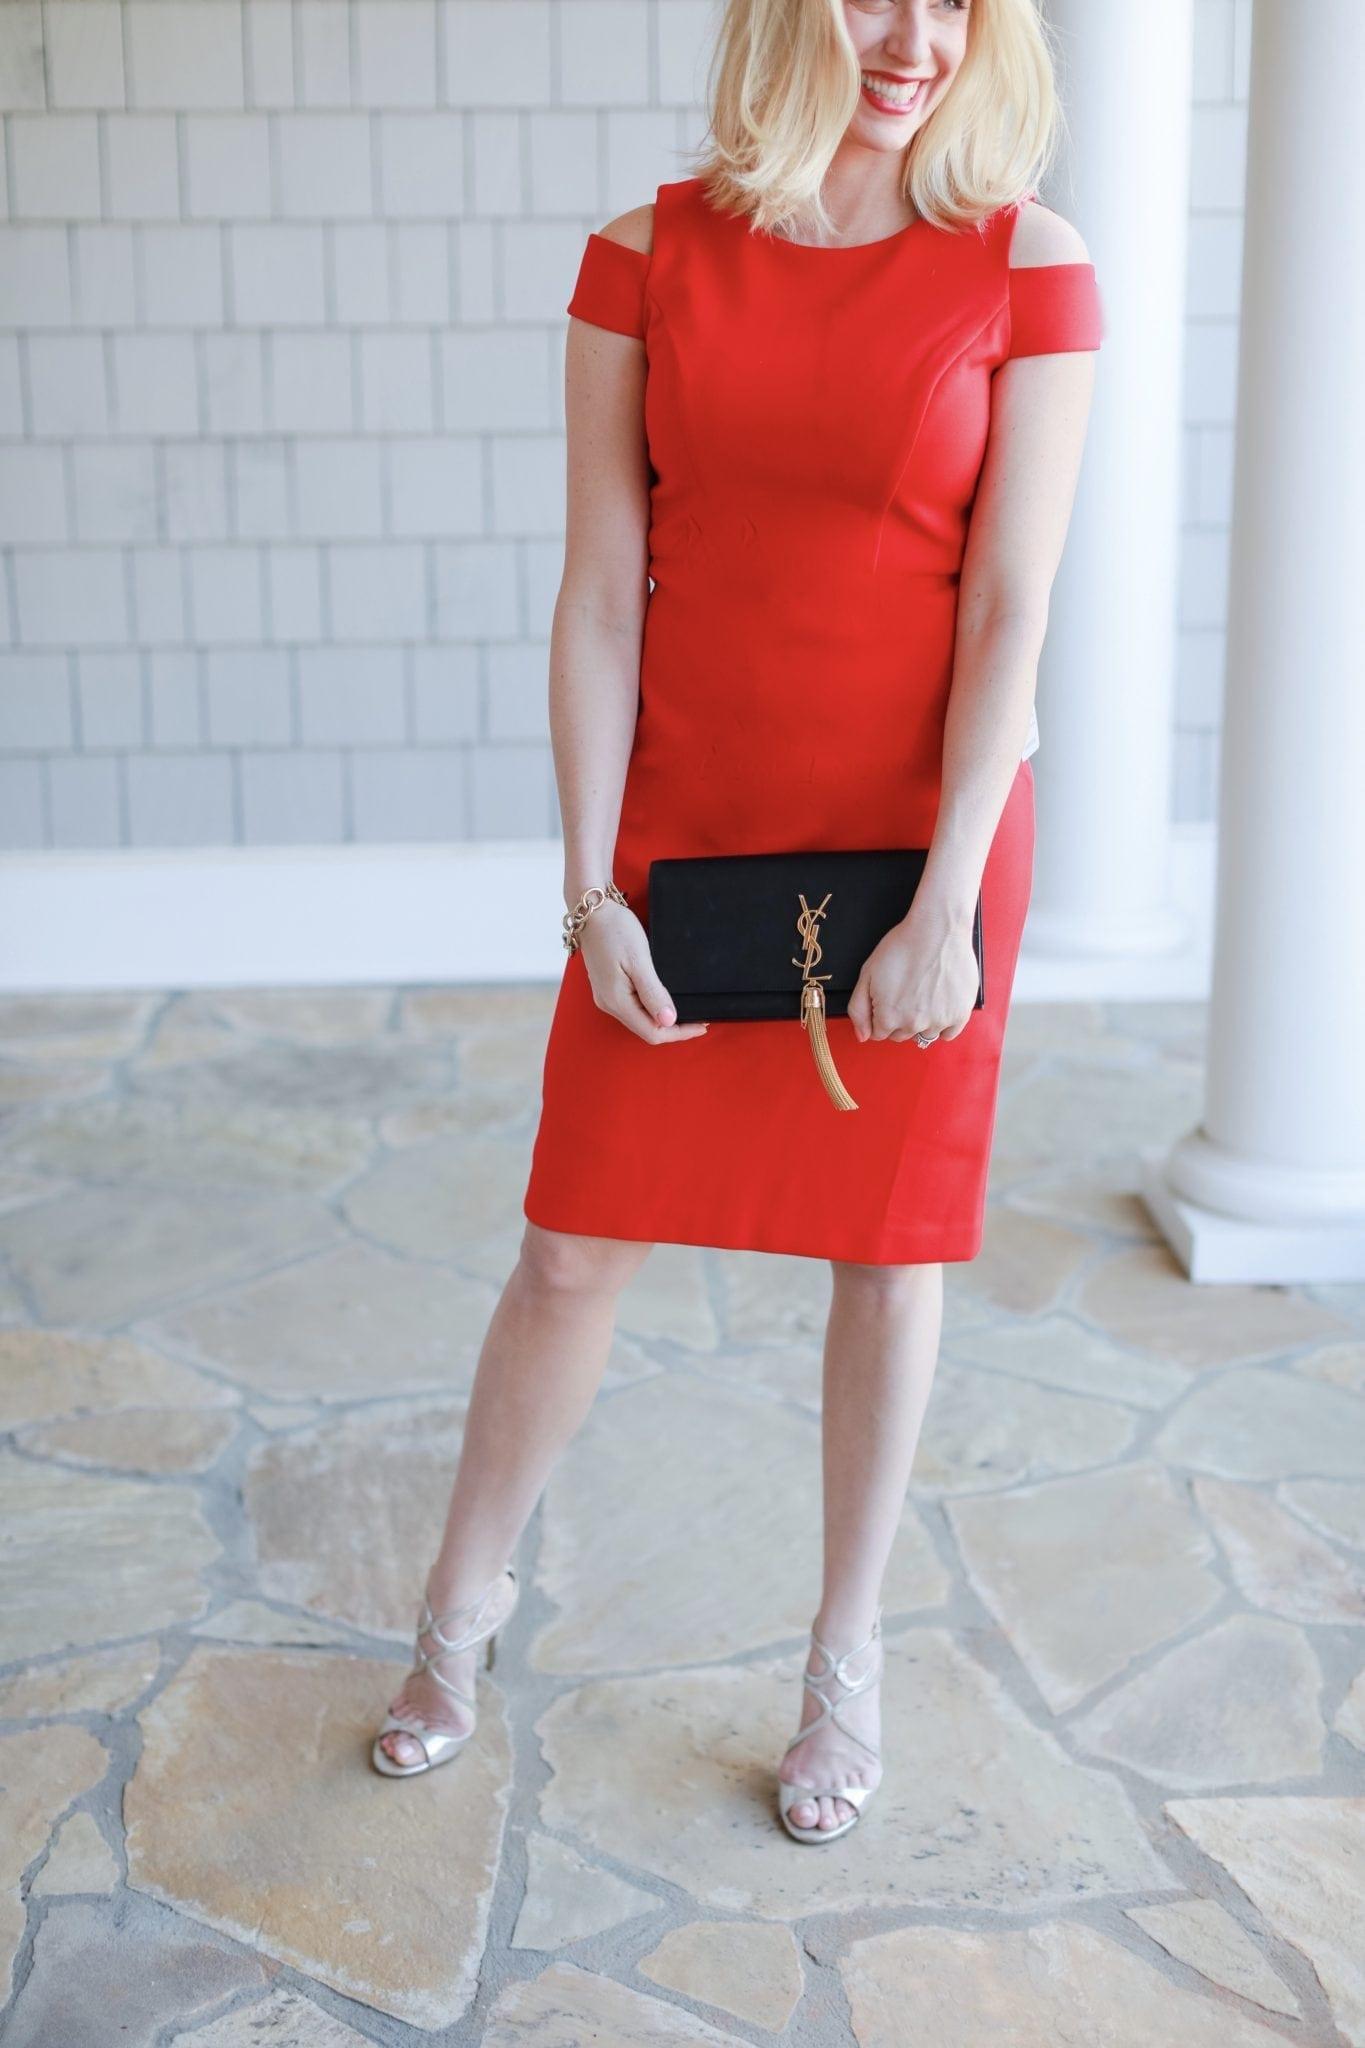 YSL Tassel clutch. Red body con dress.